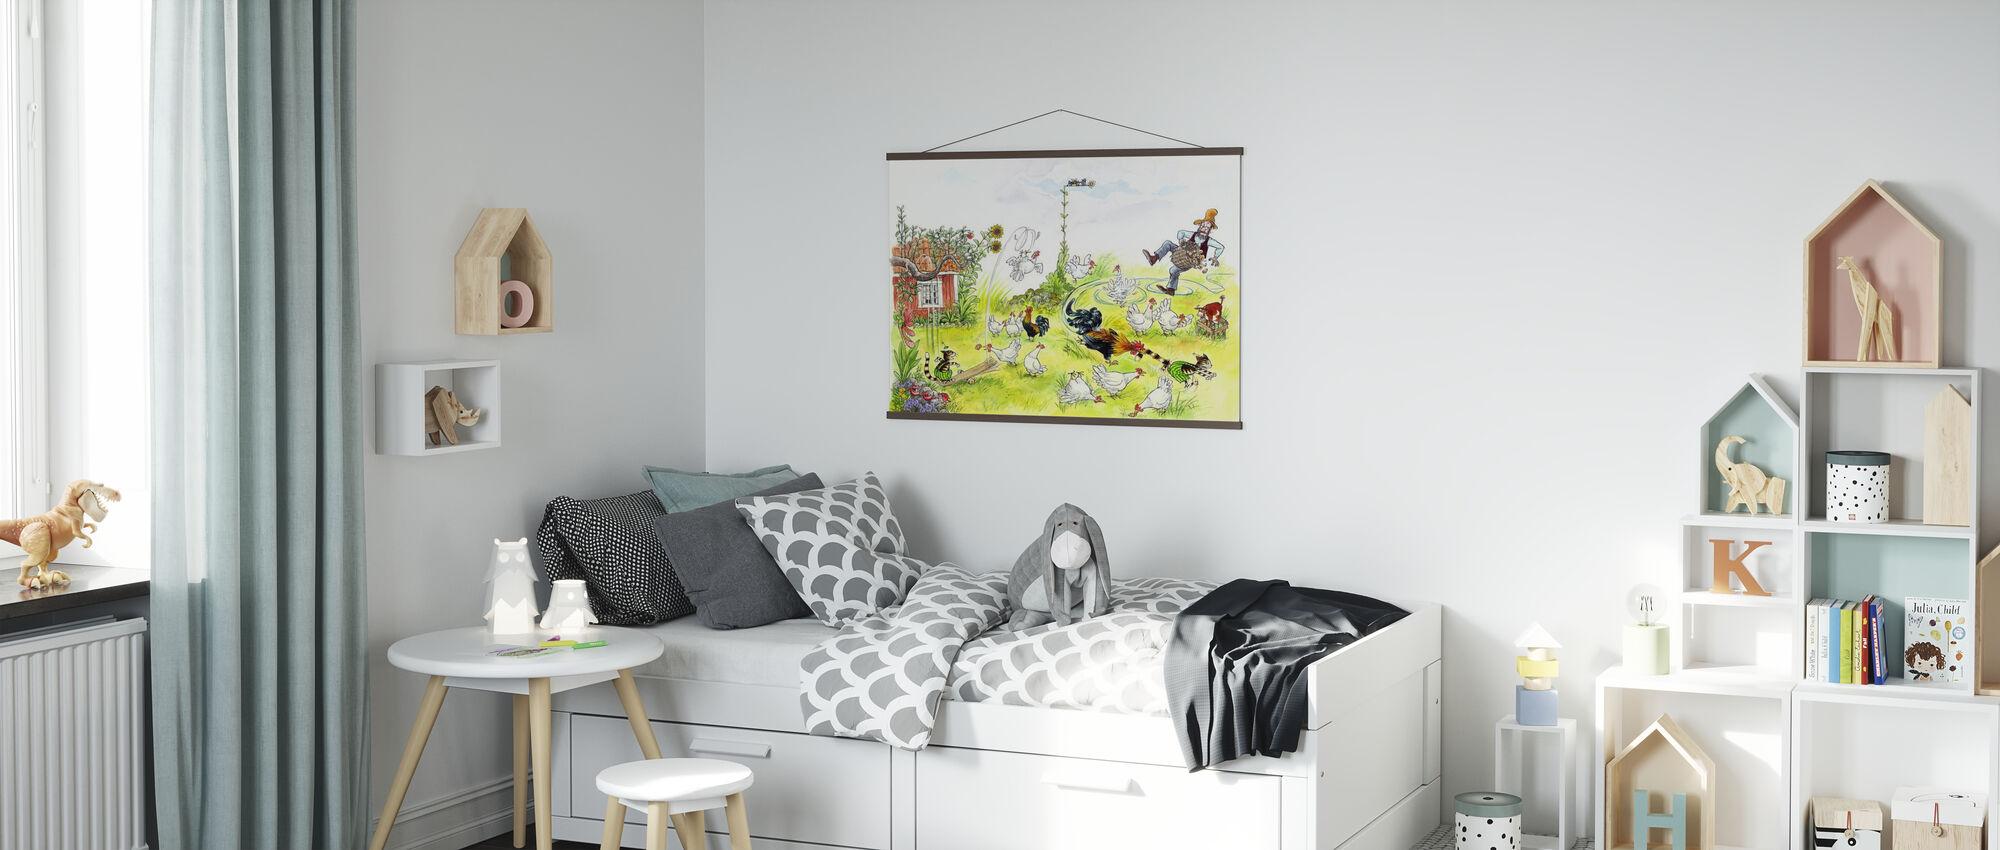 Minute des Hahns - Poster - Kinderzimmer